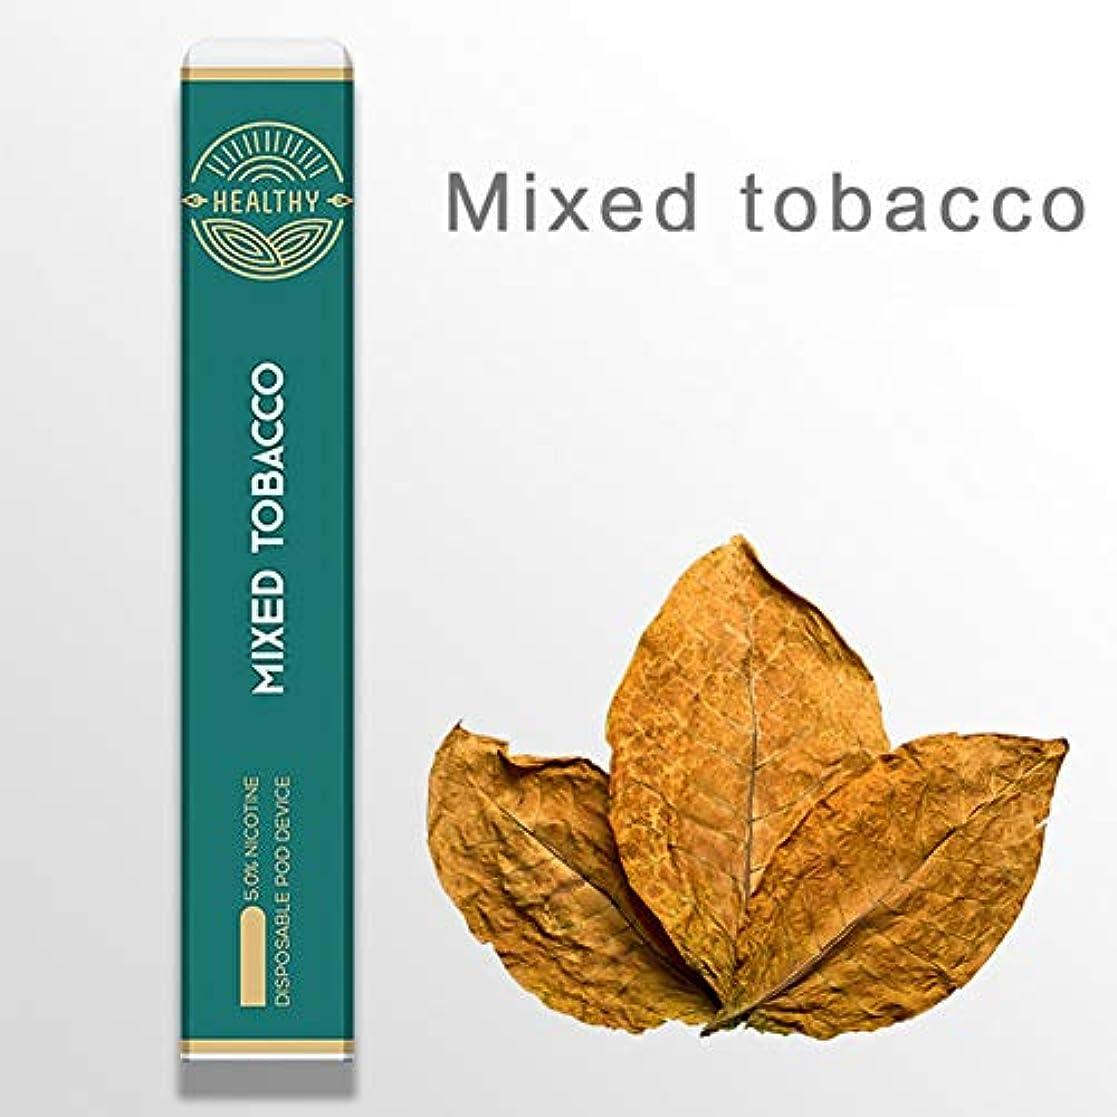 Shioyaw 使い捨て 電子タバコ 爆煙 ニコチン無し 禁煙補助 持ち運びやすい 380mAh 吸引数500口 初心者向け ビジネス アウトドア プレゼント に最適(クラシック)